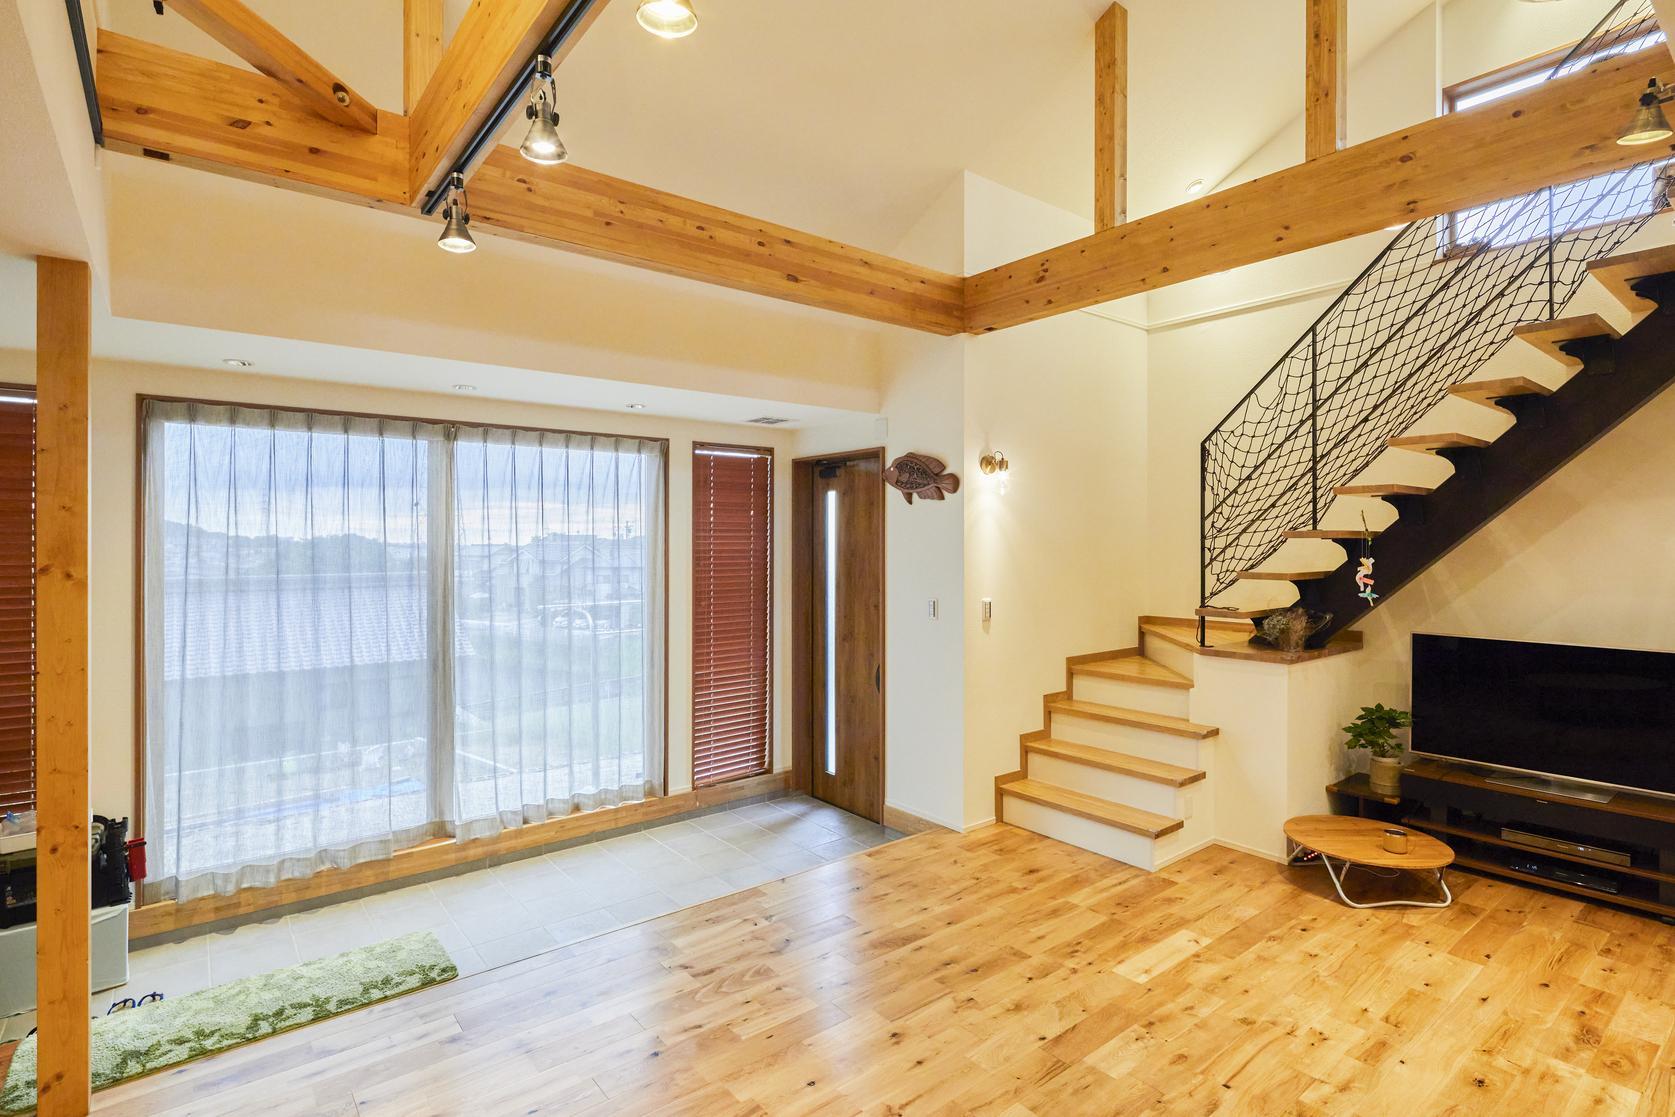 広い土間スペースを確保。大きな窓からは優しい光が差し込む